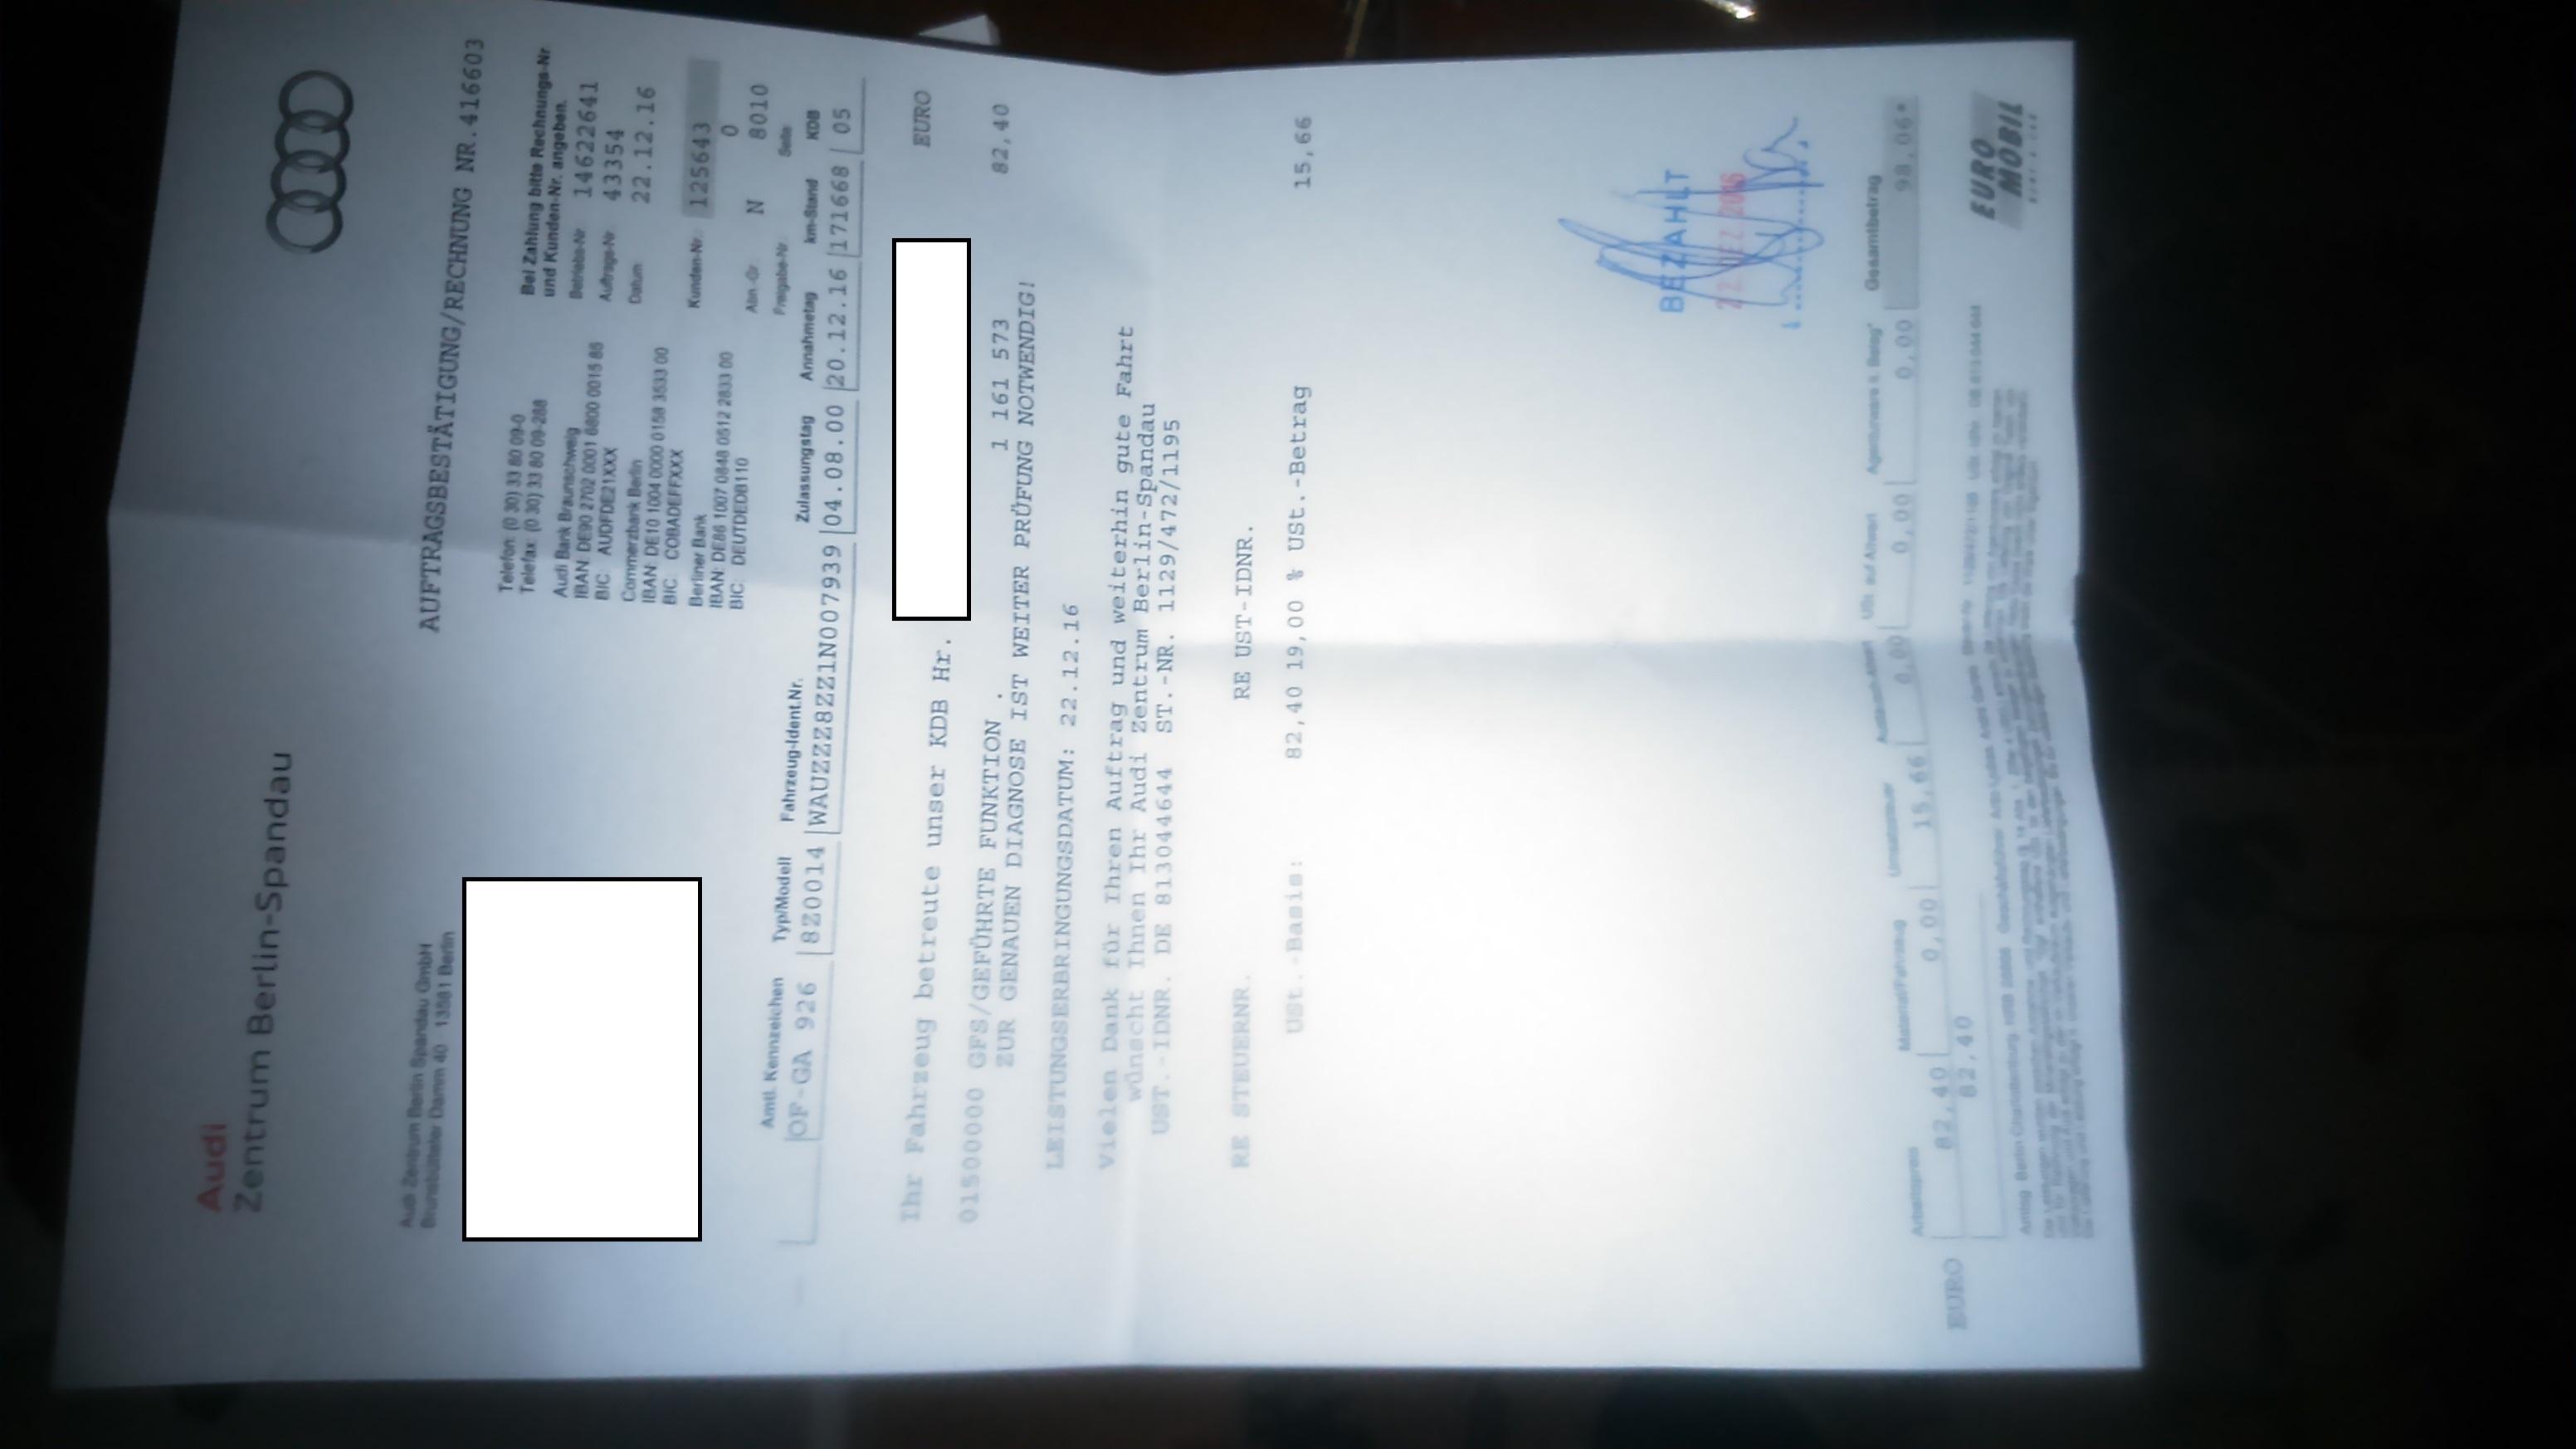 DSC_0034.jpg.bac5646973d7716511ea680823c64745.jpg